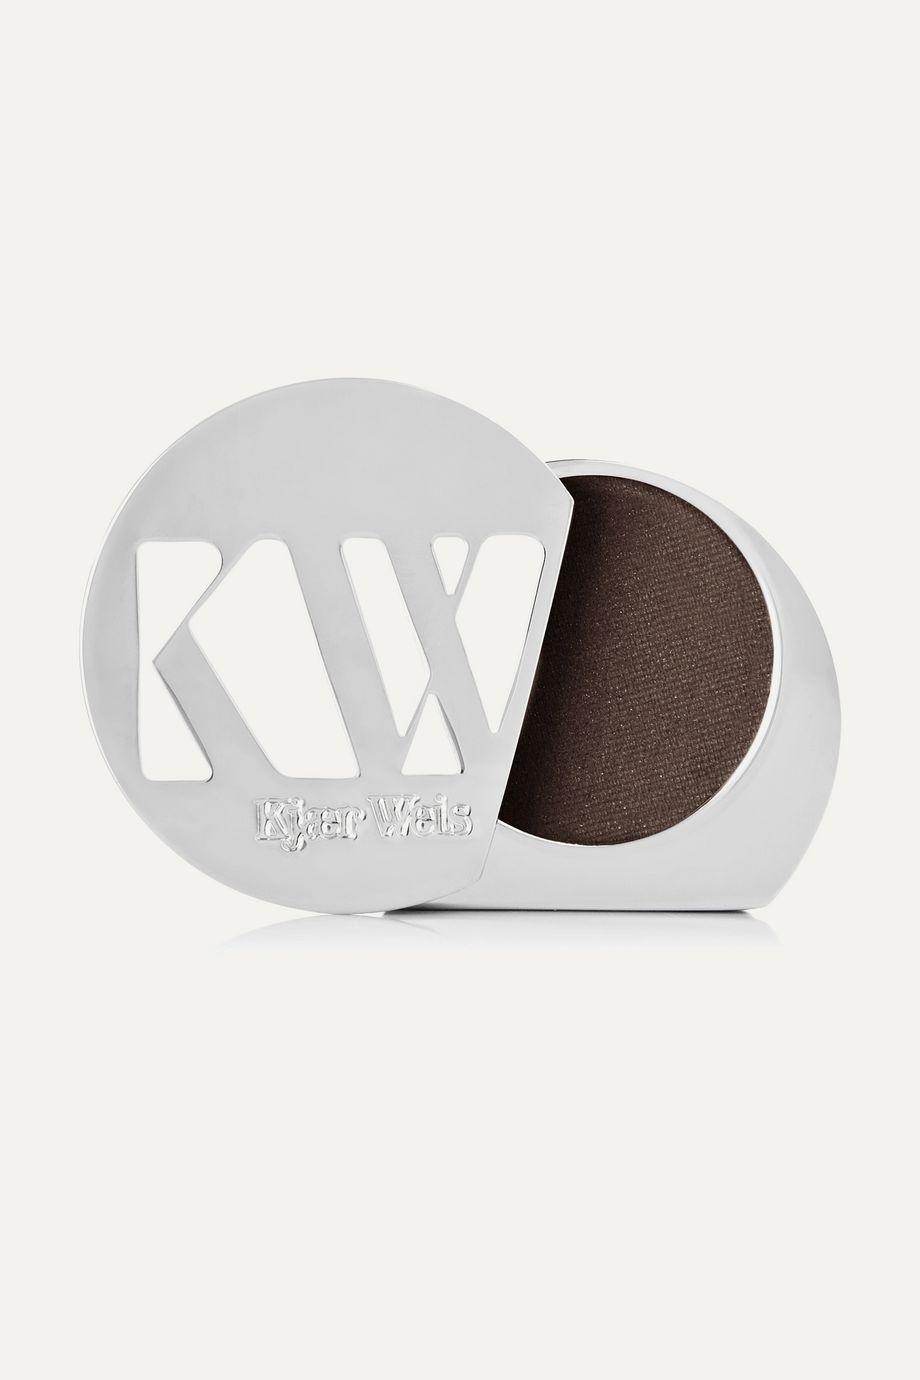 Kjaer Weis Eye Shadow - Generosity